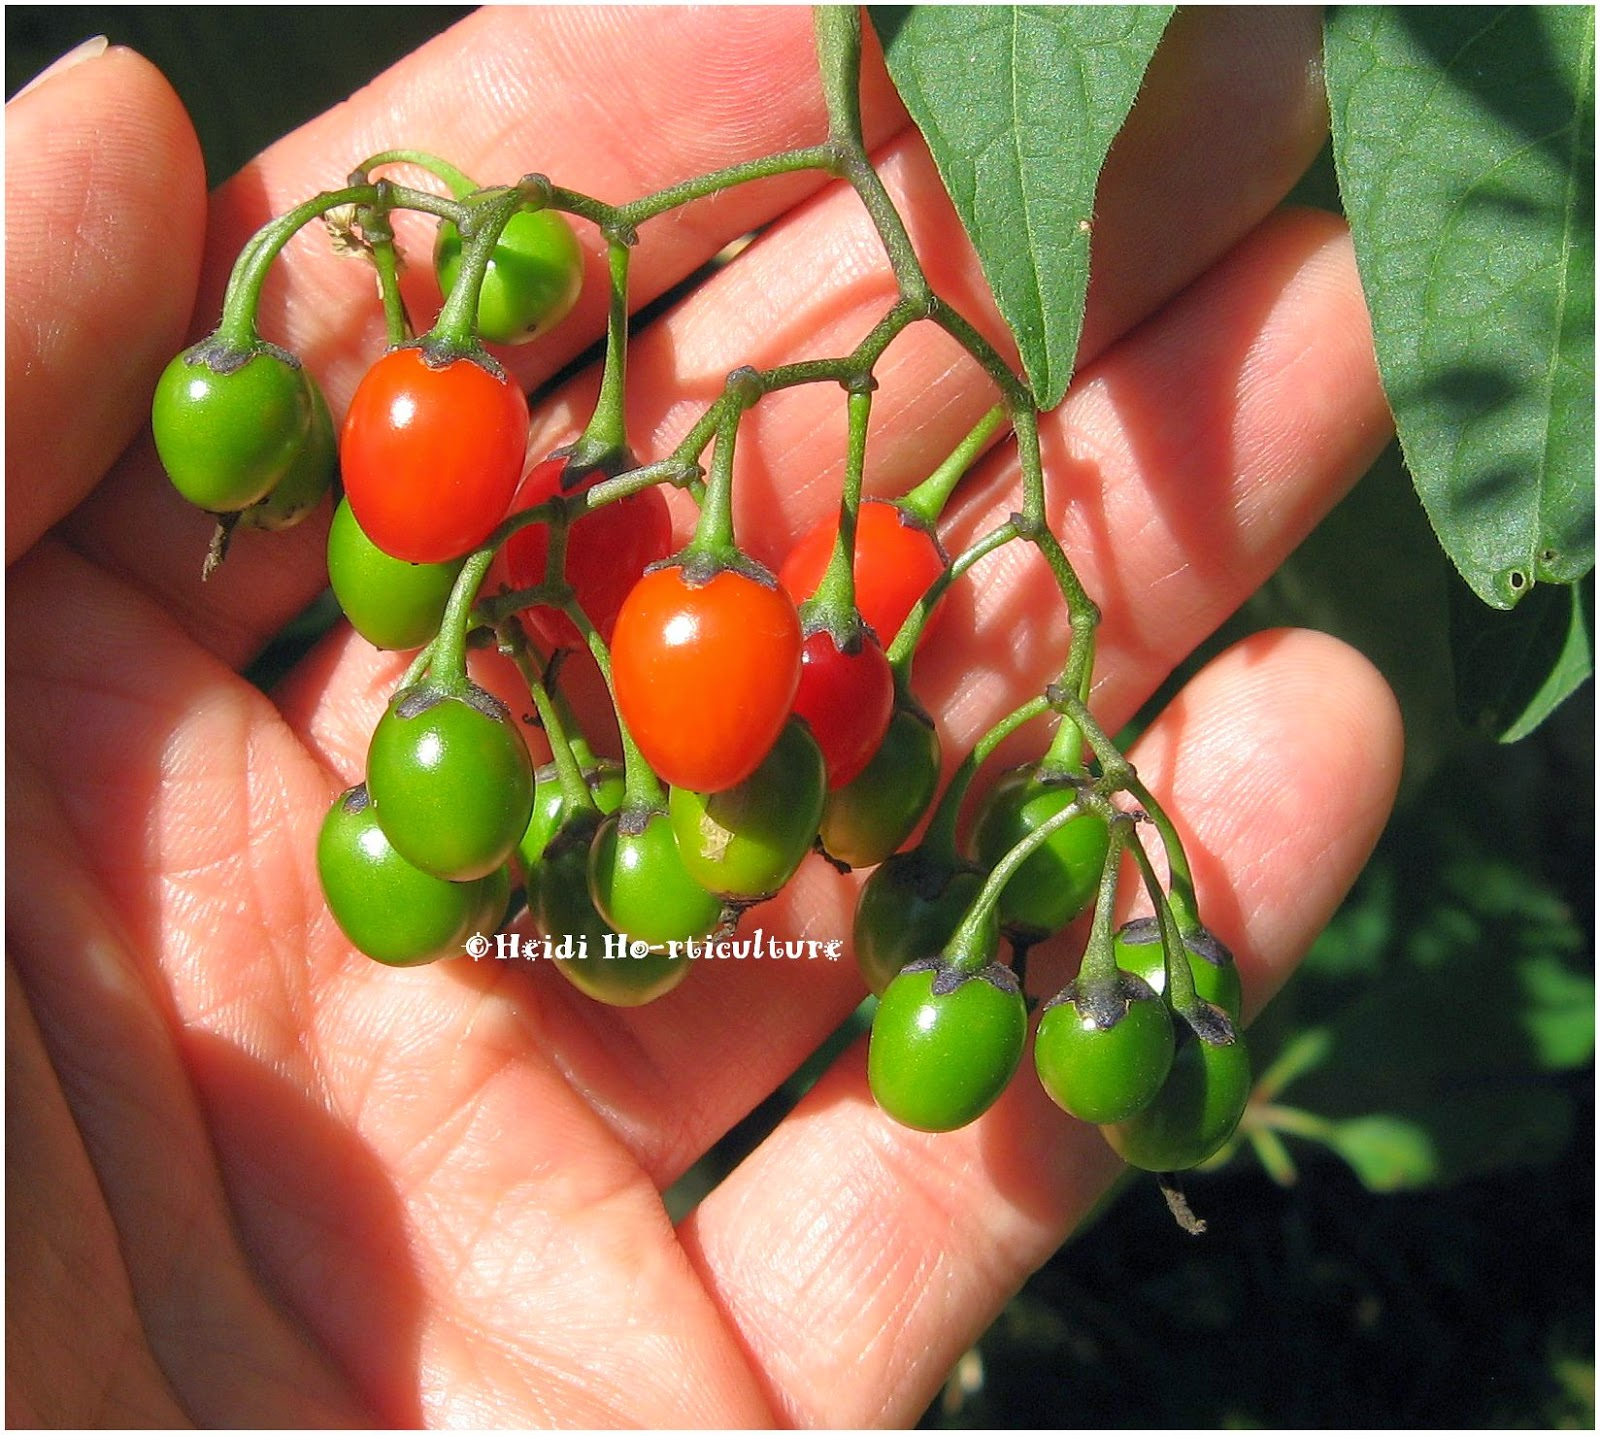 heidi horticulture poisonous berries in your garden backyard